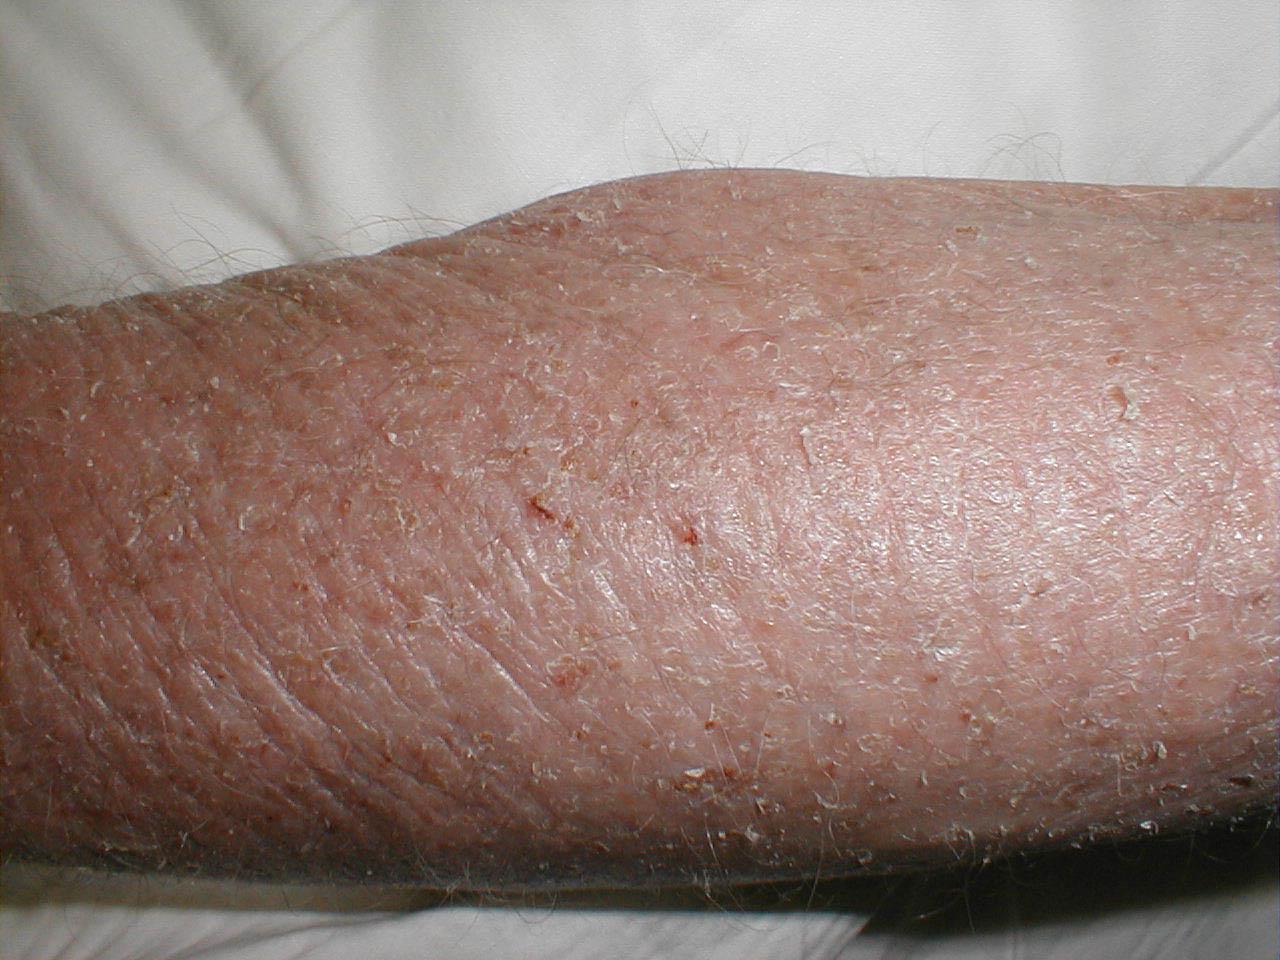 аллергия при беременности симптомы